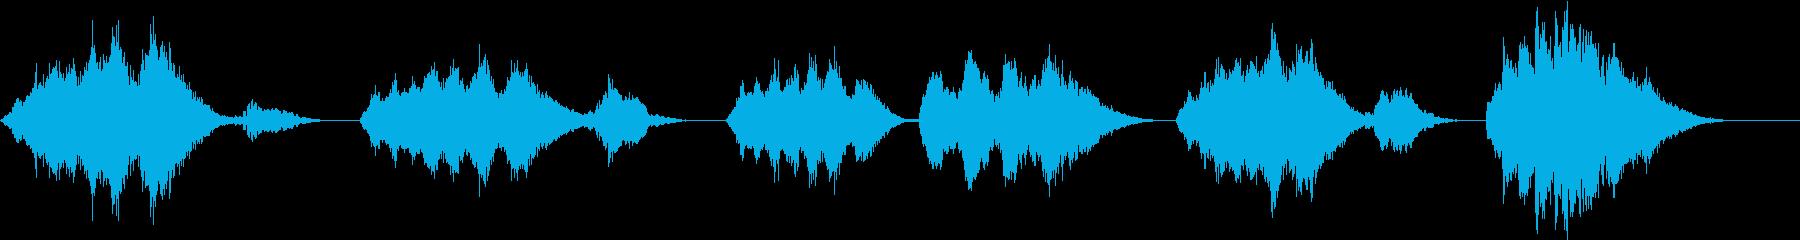 きらきら星 現代ジャズ風 ストリングスの再生済みの波形